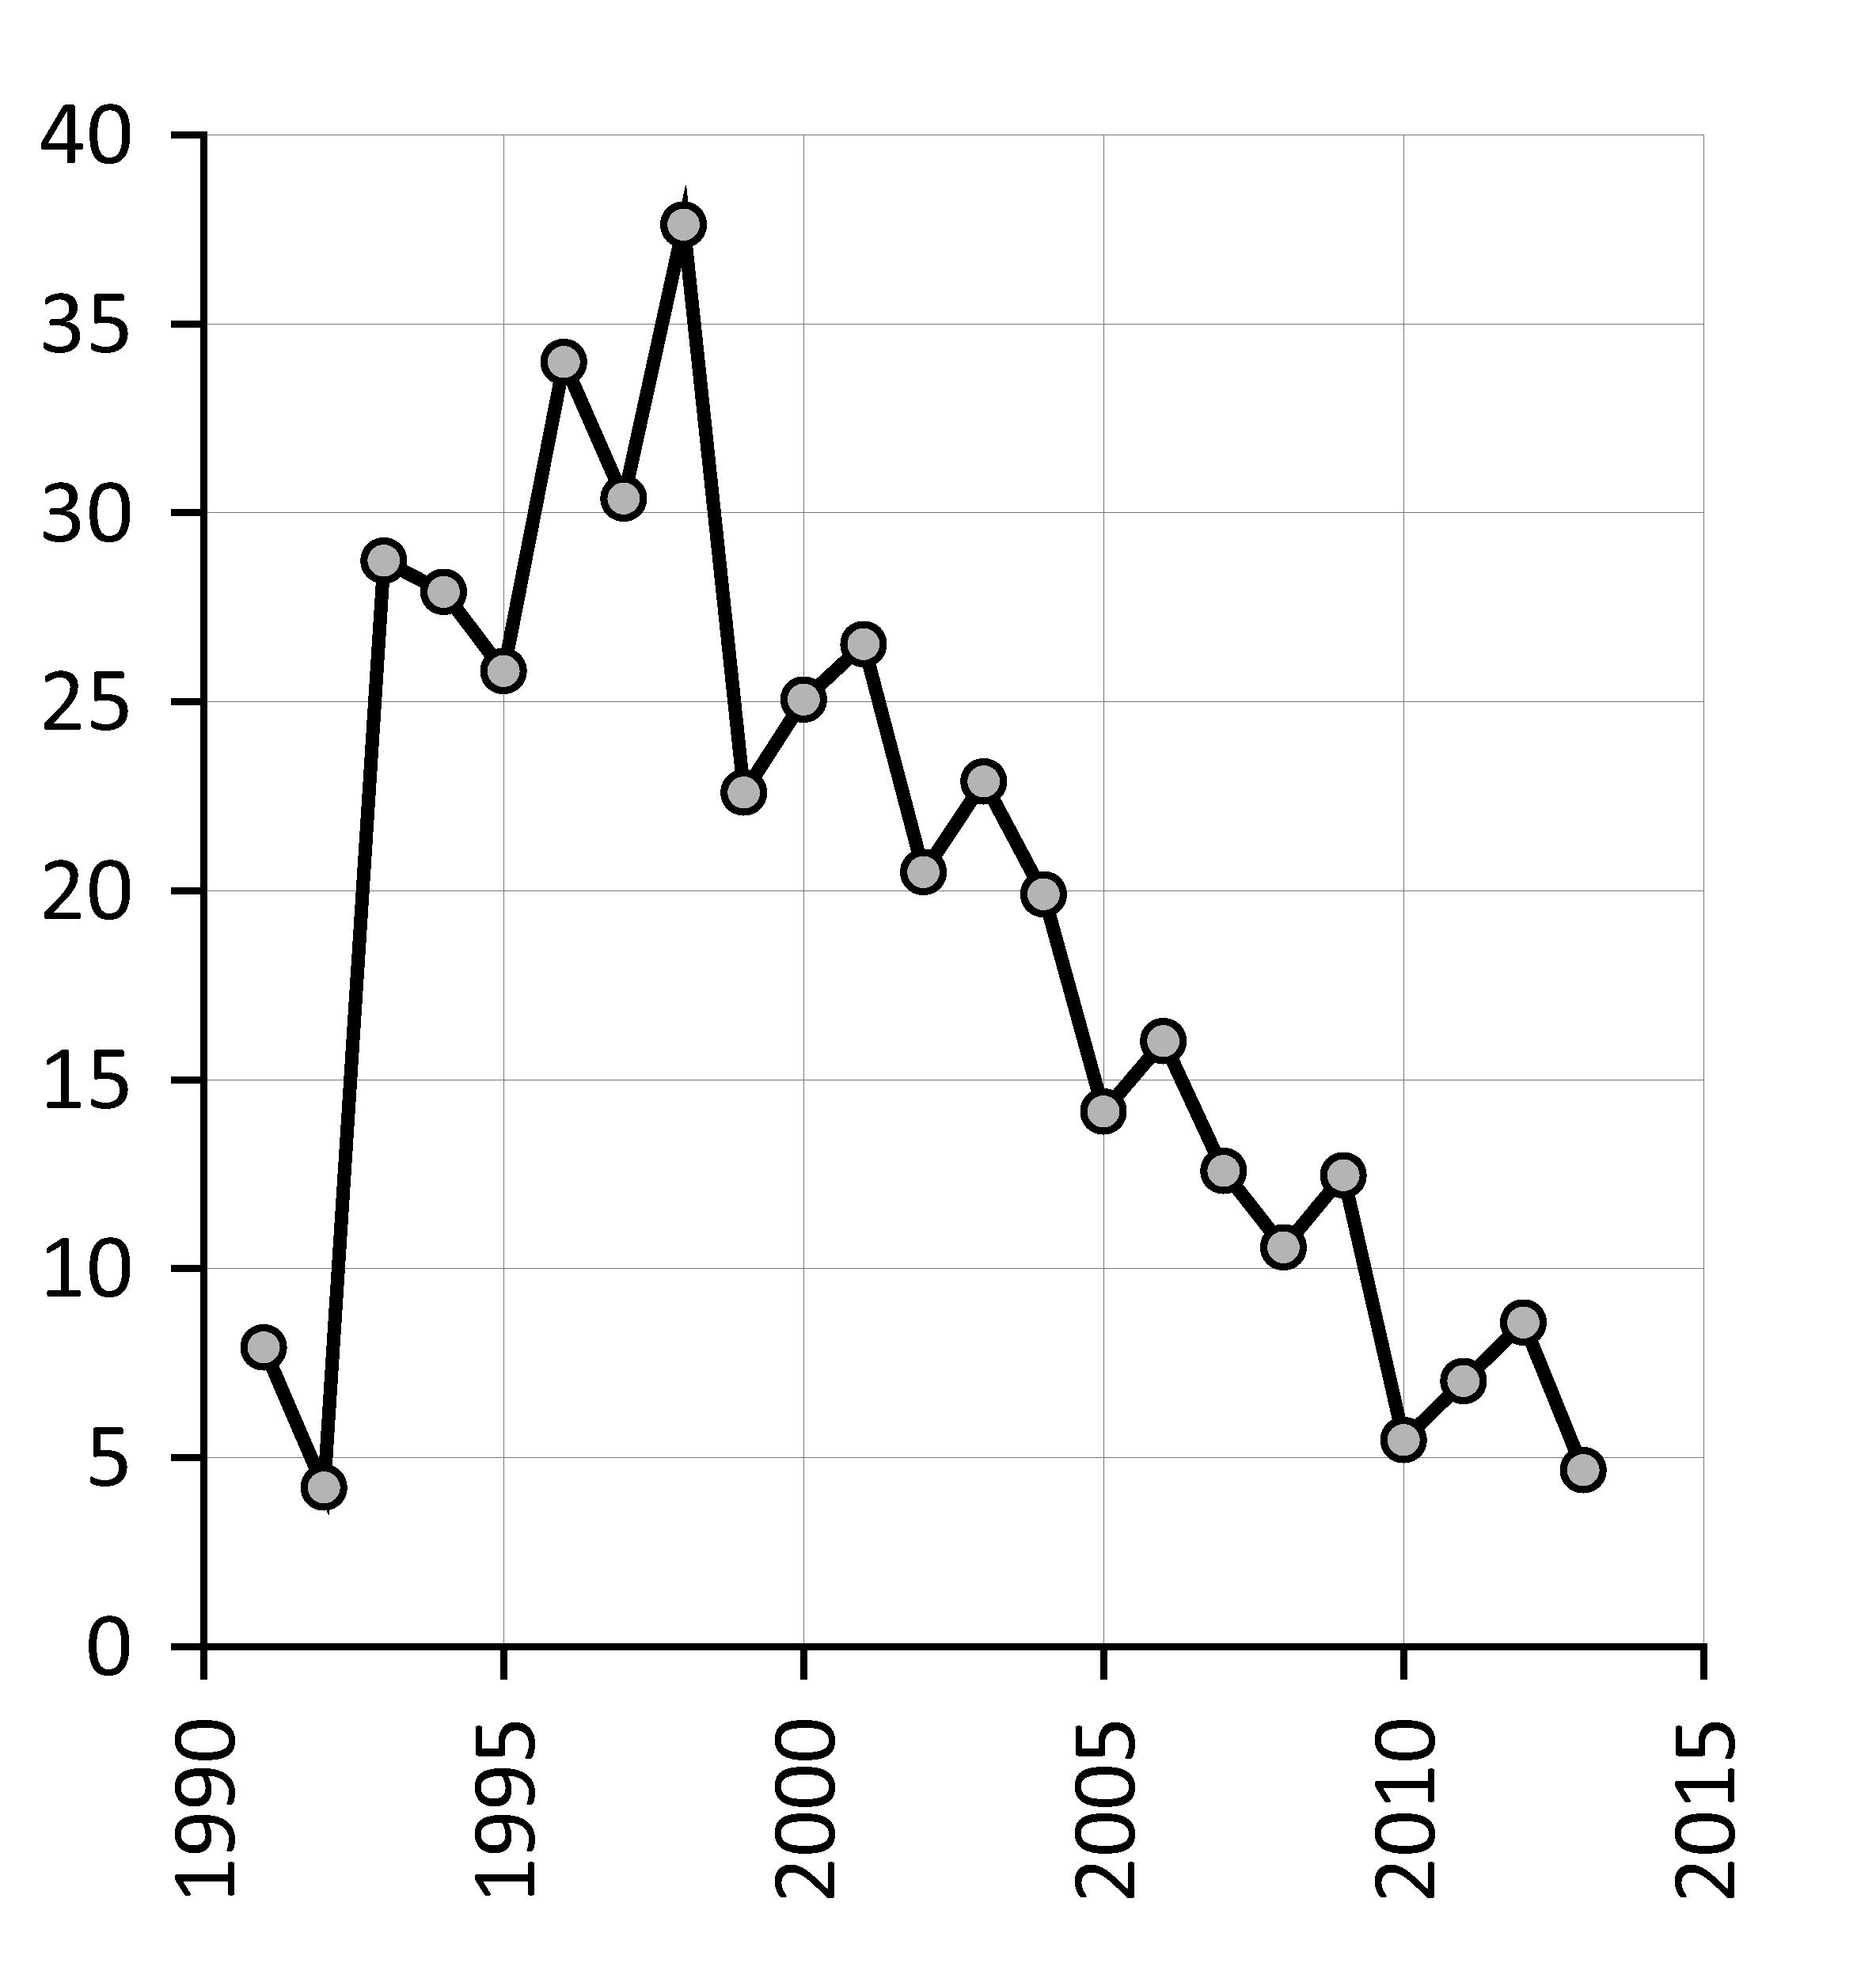 Аварийность на магистральных трубопроводах, количество зарегистрированных аварий на 1 трлн т-км грузооборота